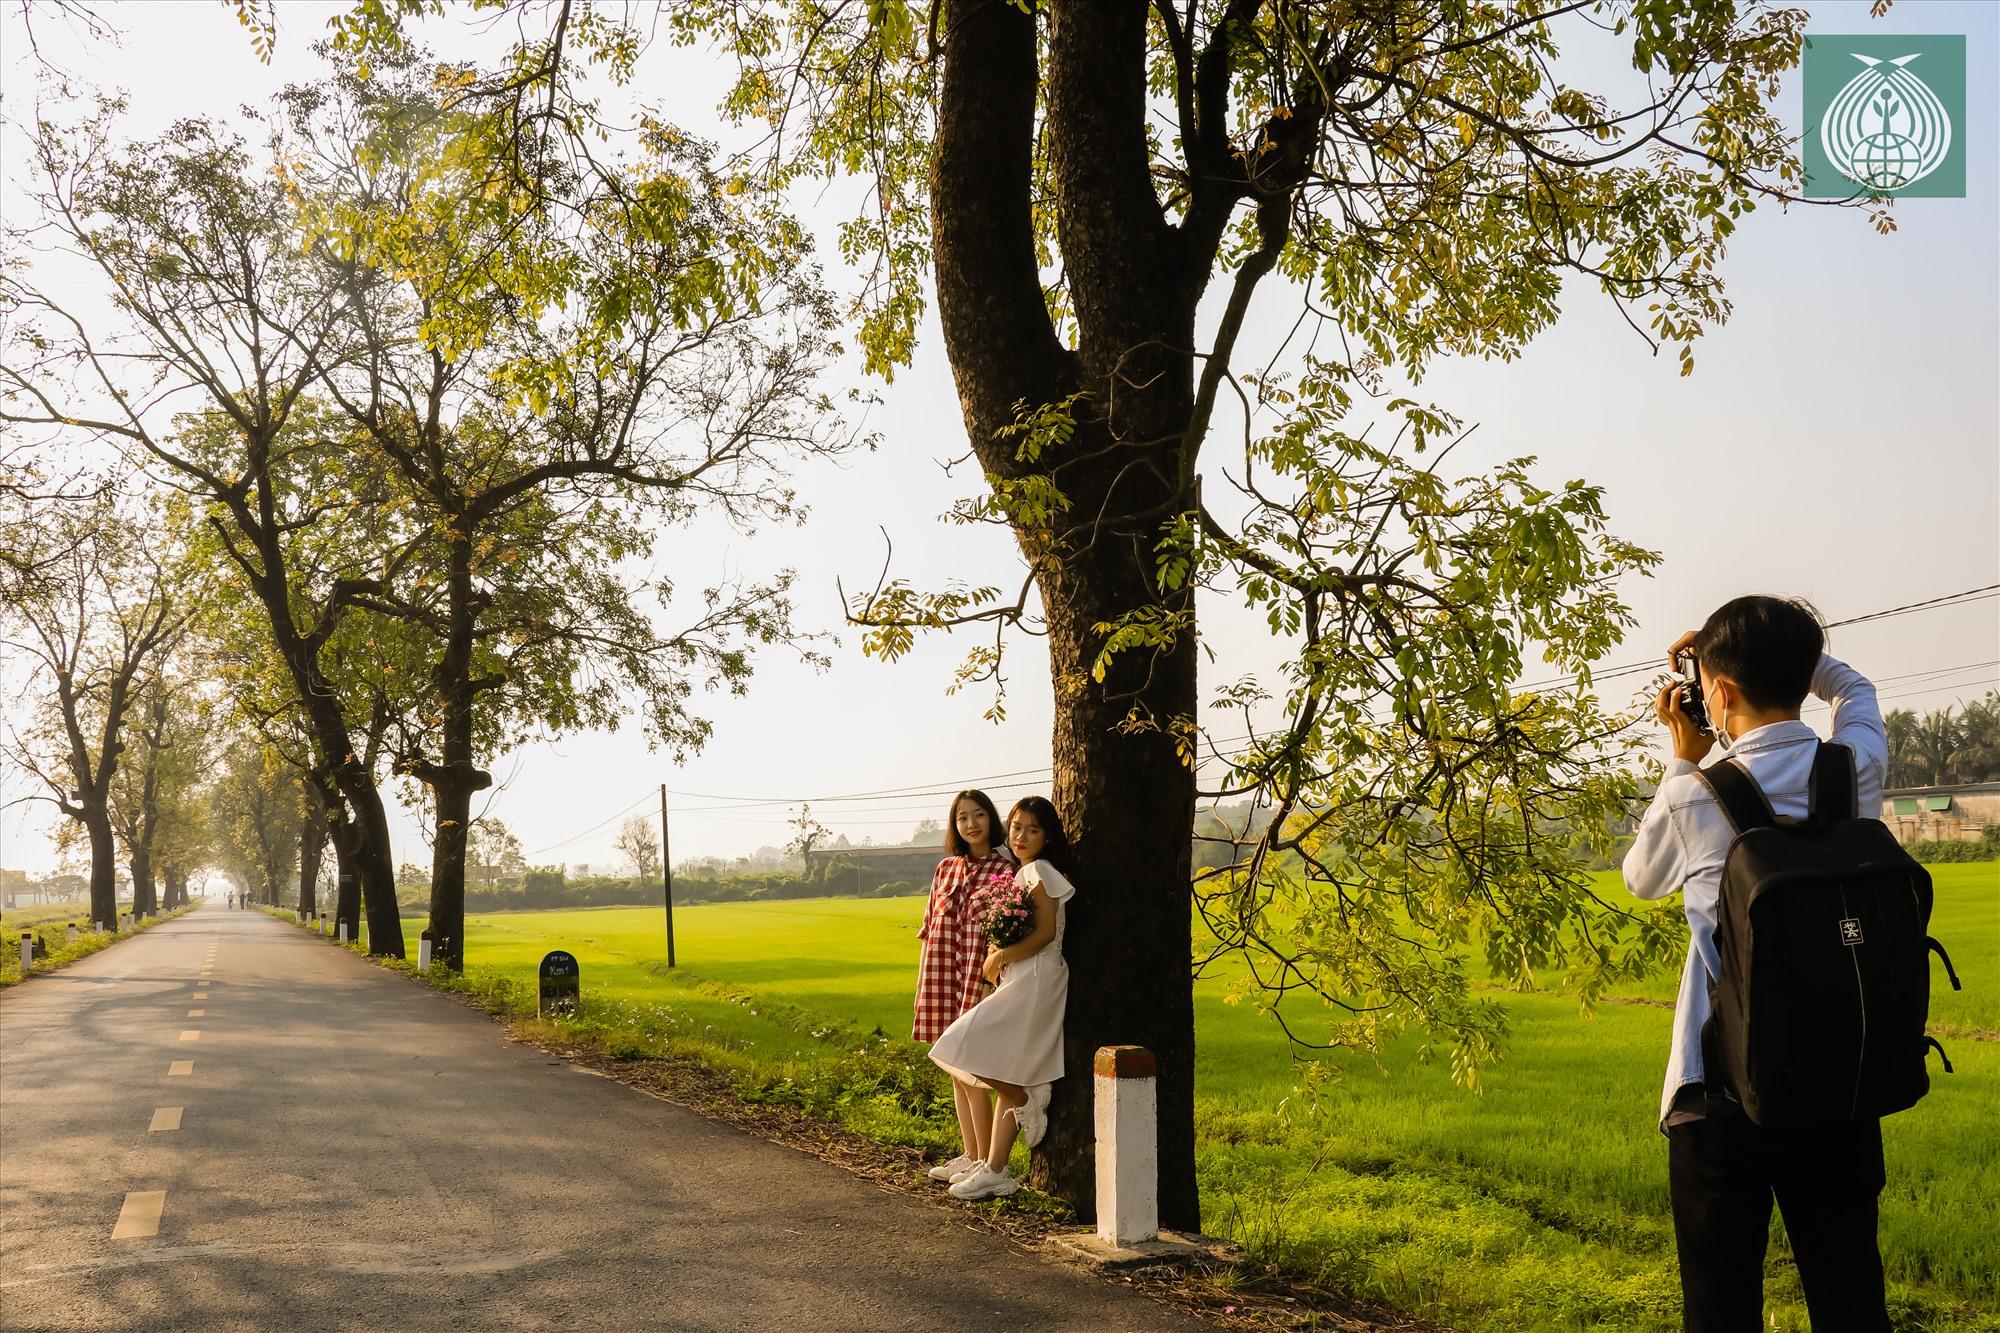 Những ngày qua, con đường này đã thu hút rất nhiều lượt người ghé thăm và lưu lại những bức hình đẹp.